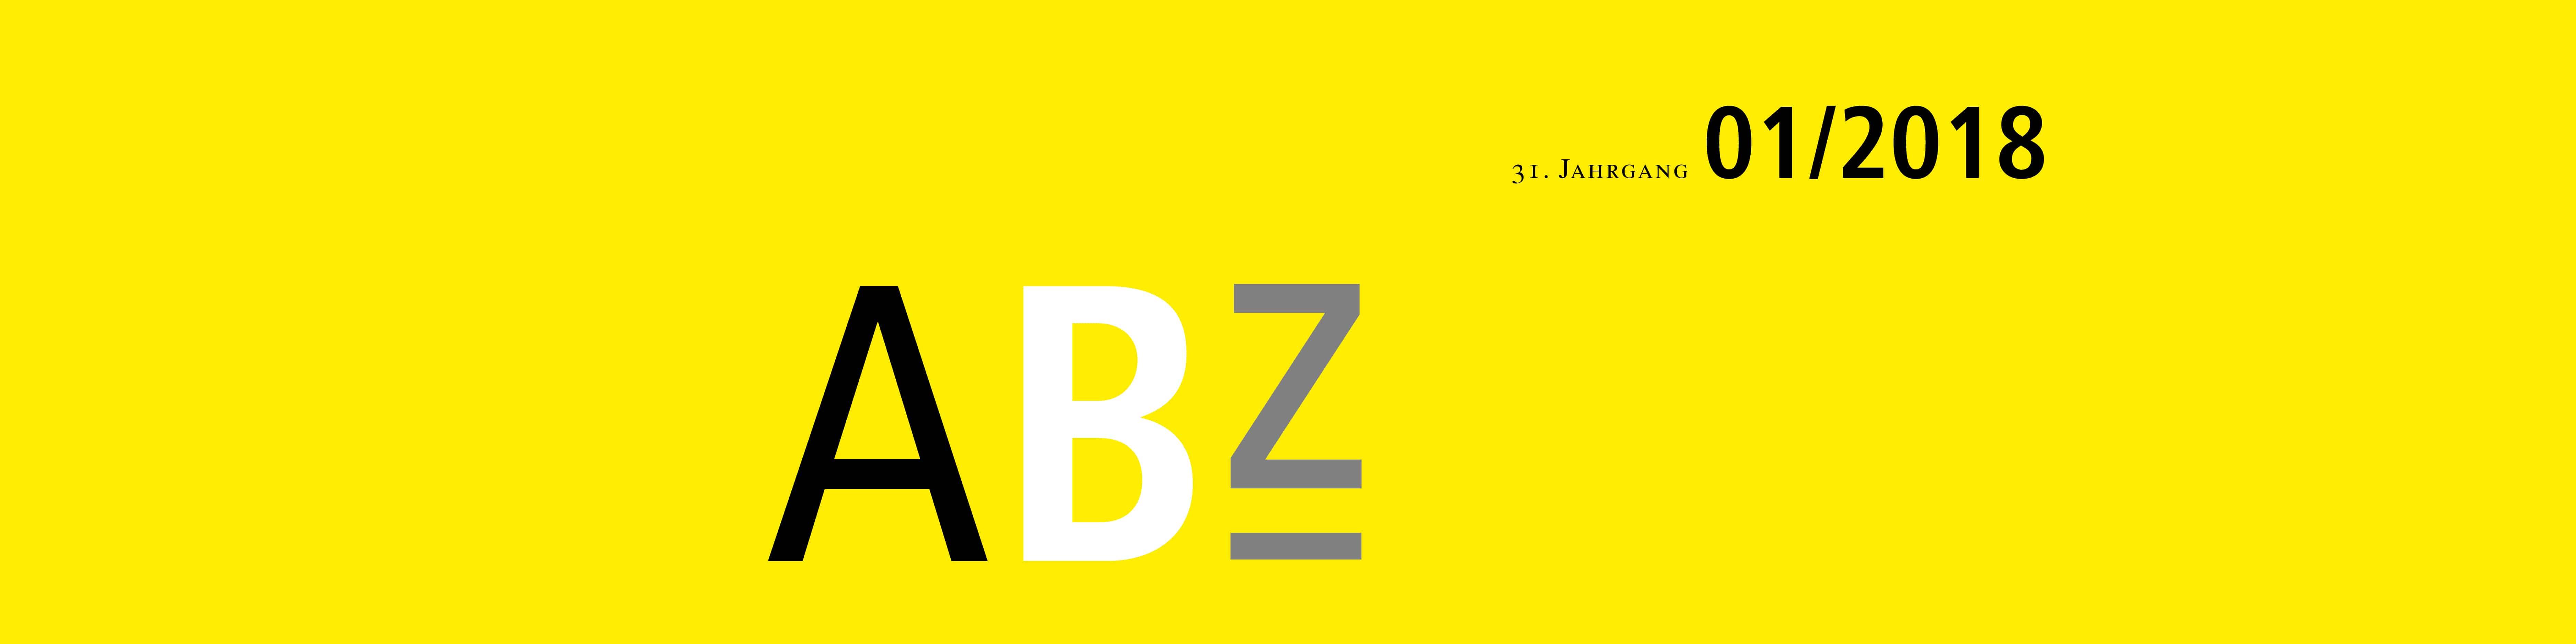 ABZ TANNER Zeitschrift Header 01/2018